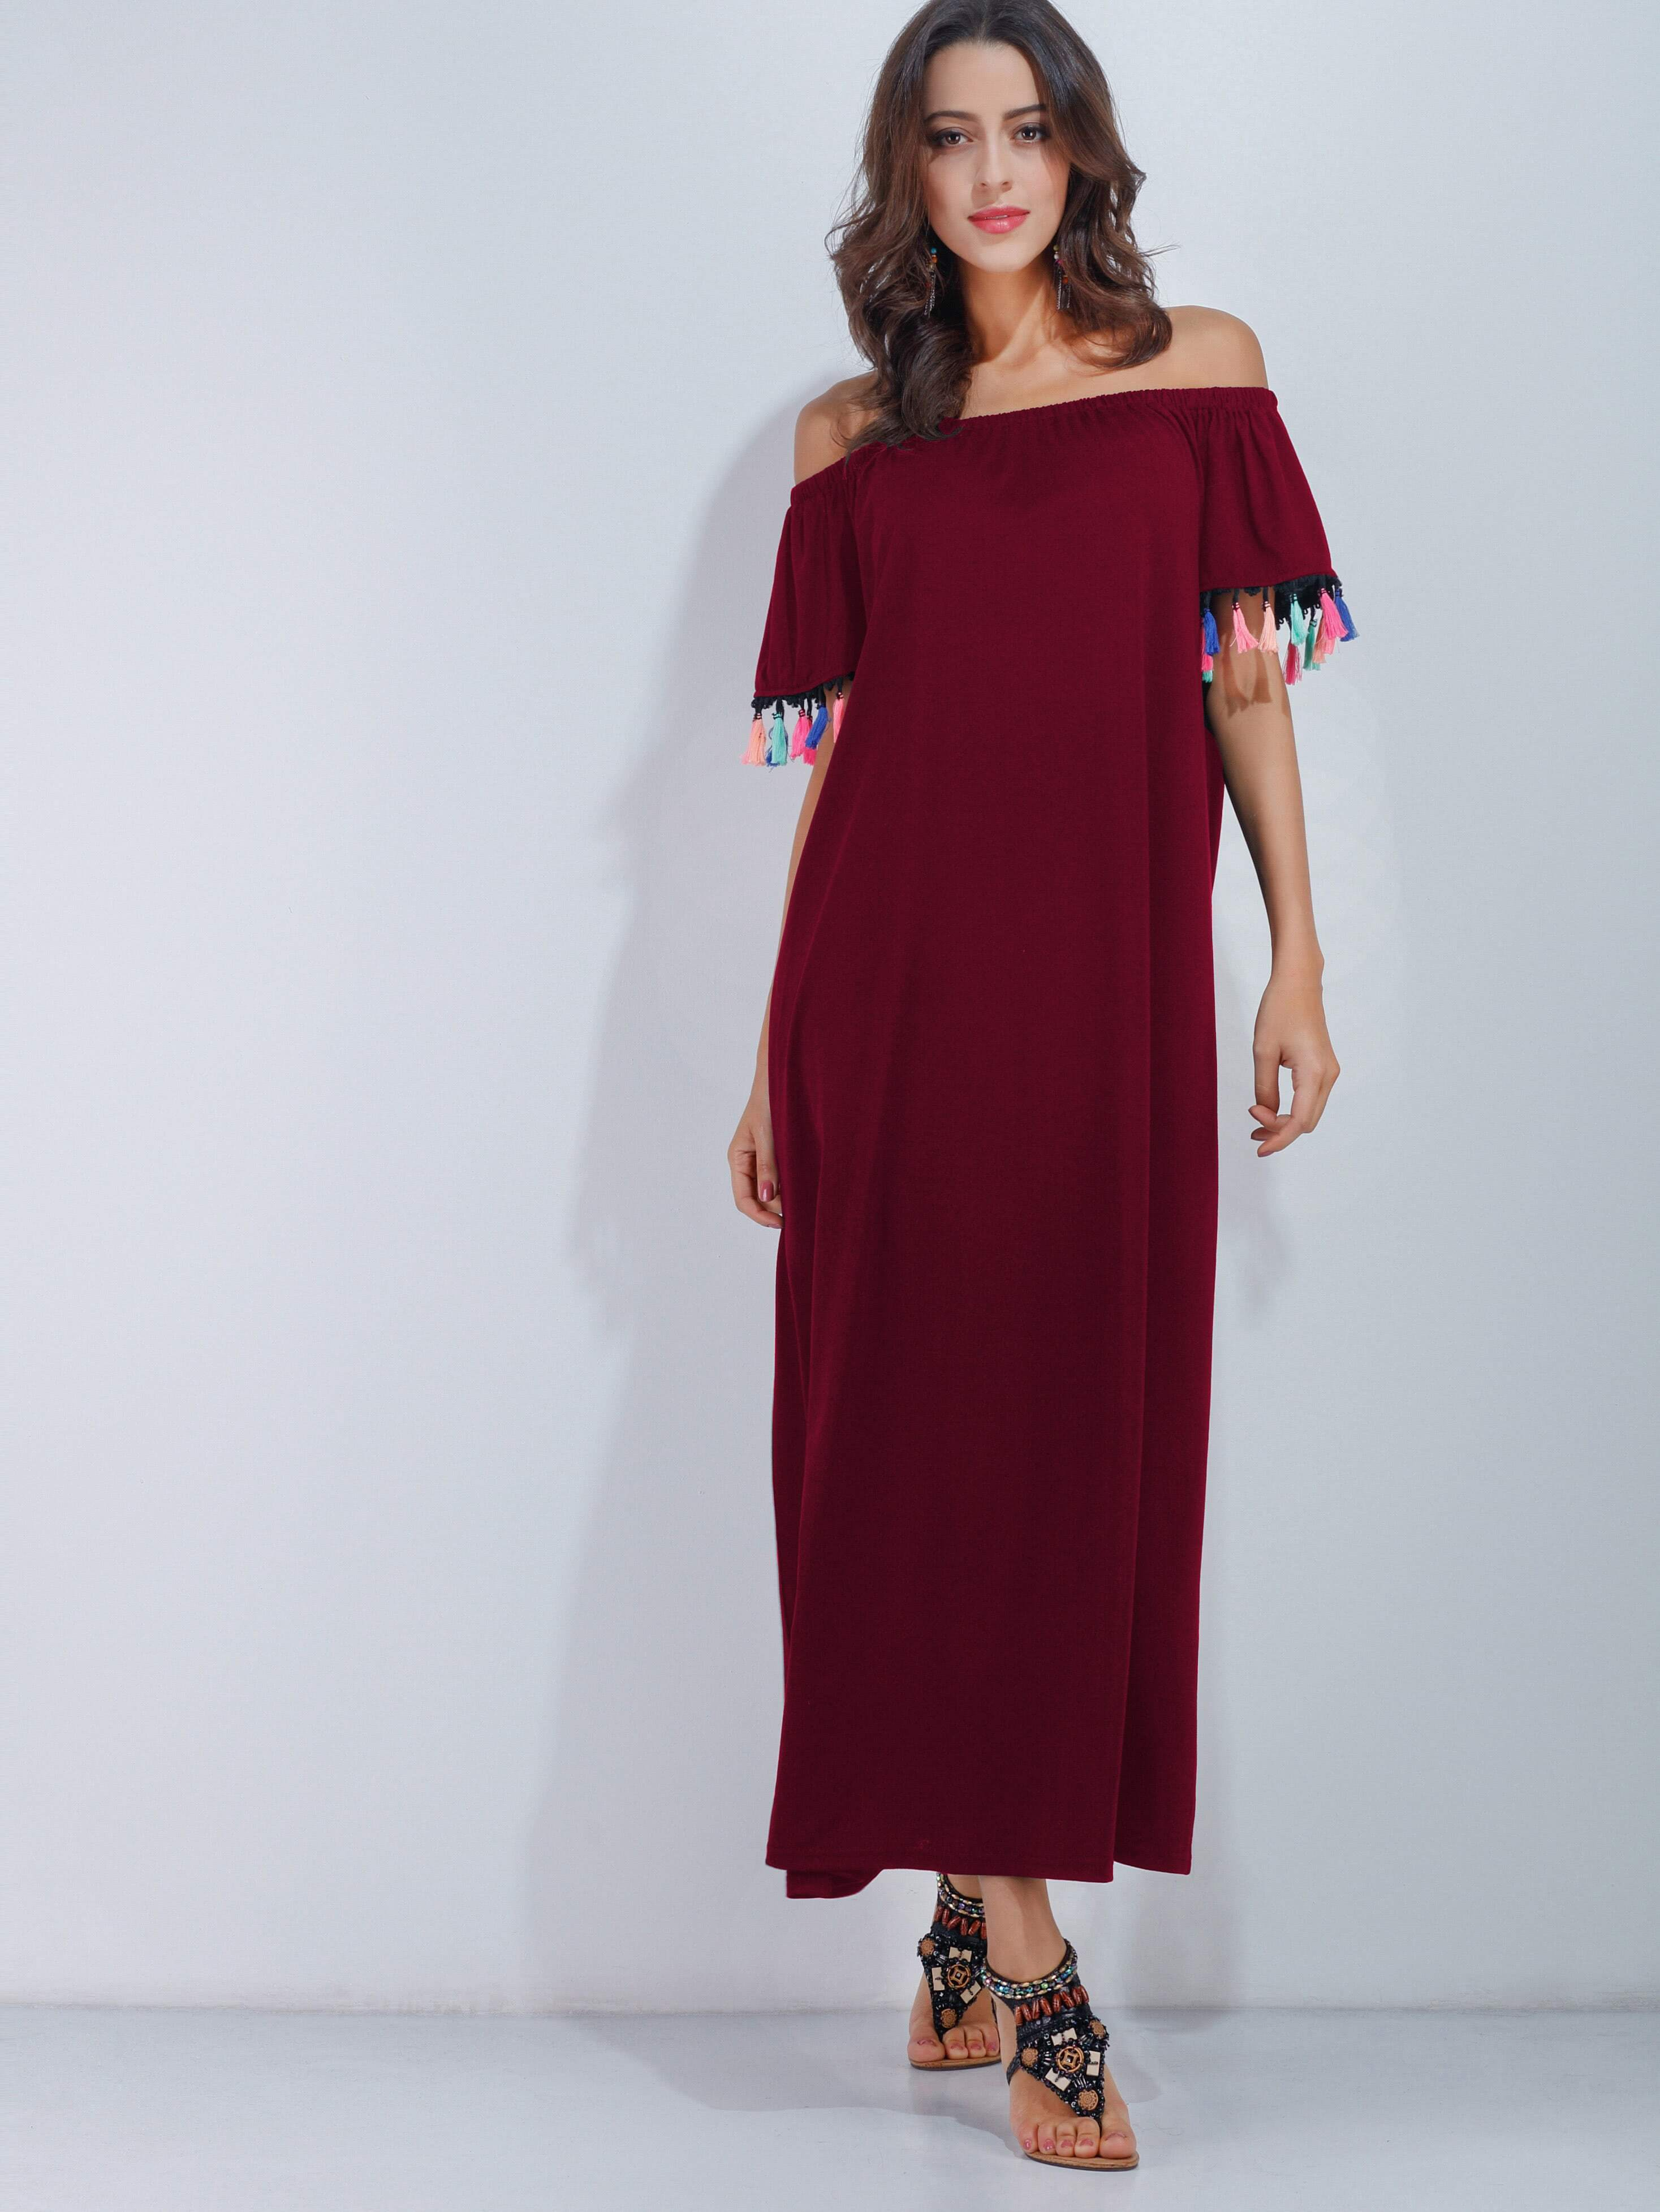 dress170418107_2